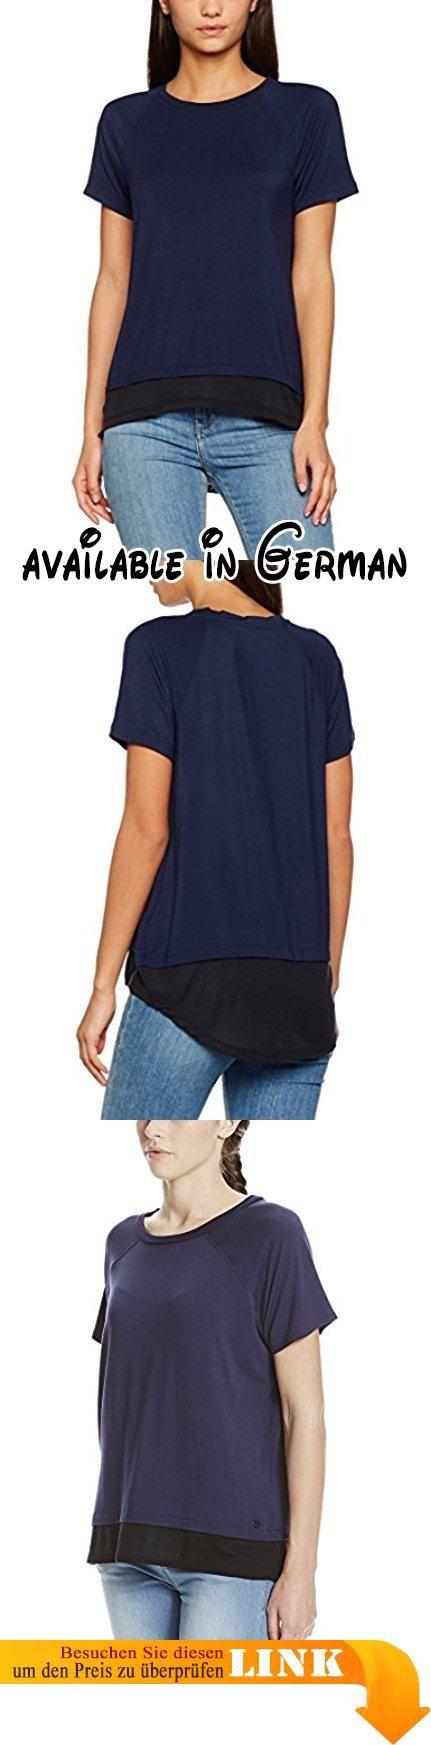 Bench Damen T-Shirt Raglan Tee Blau (Maritime Blue BL193), 38 (Herstellergröße: M). Schönes Bench T-Shirt mit stylischem extra.. Details: Bench T-Shirt im Straight schnitt in two in one Optik. #Apparel #SHIRT